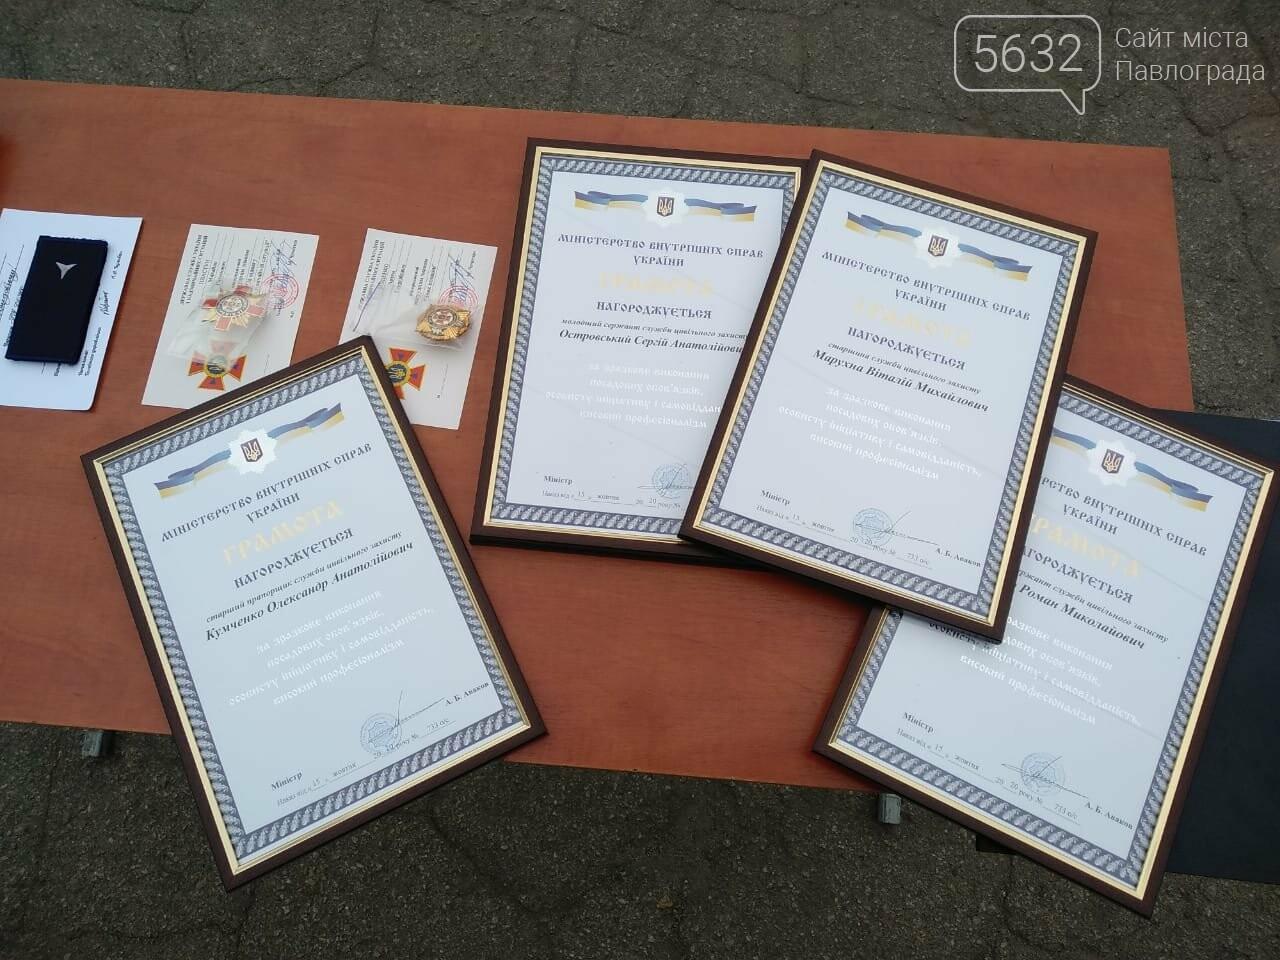 Павлоградским и терновским спасателям, тушившим пожары в Луганской области, вручили ведомственные награды, фото-7